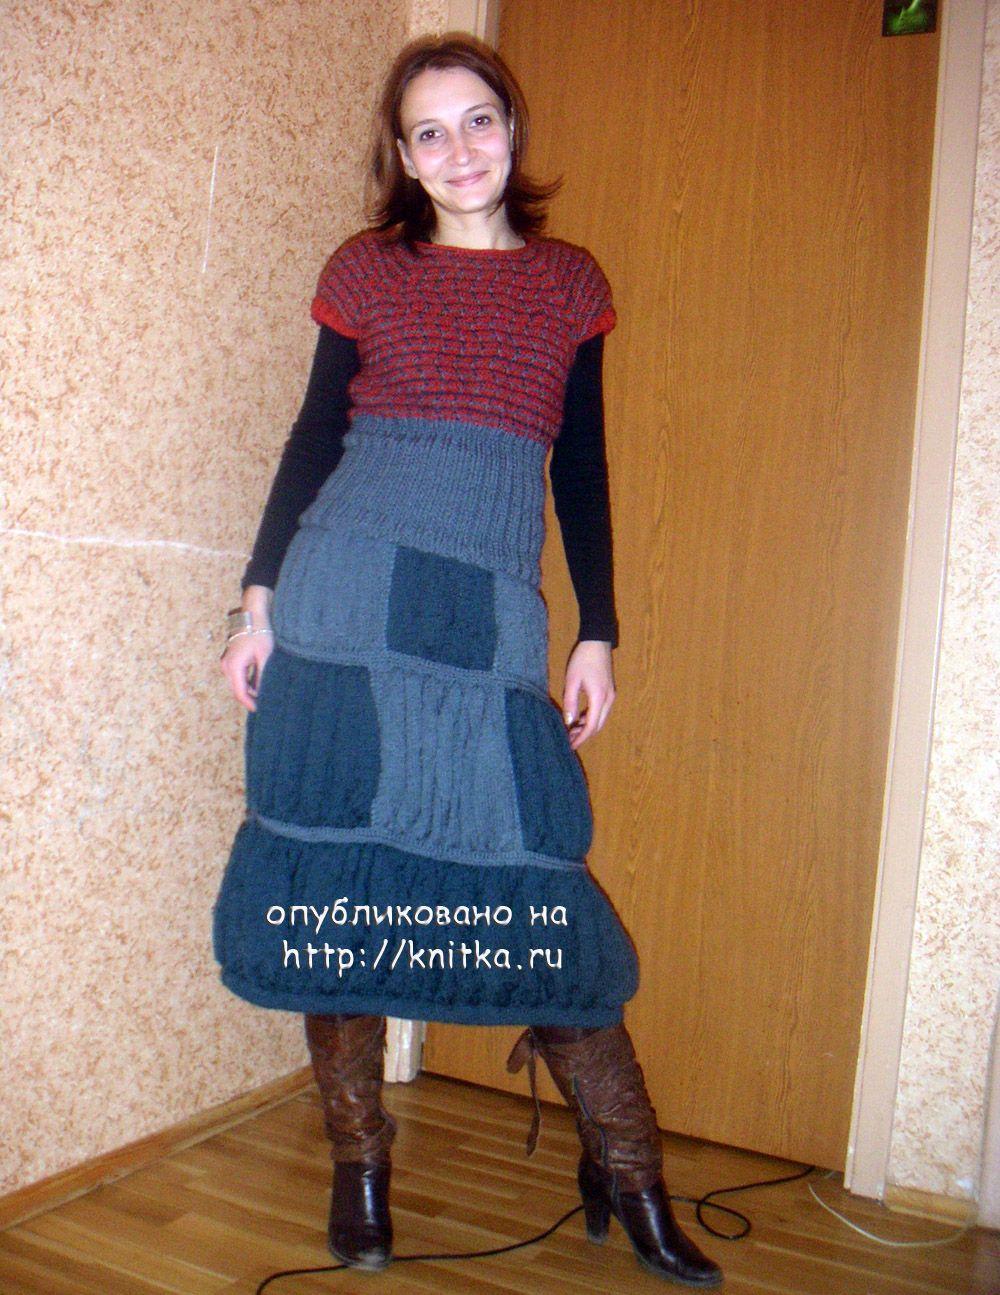 Юбка для девочки спицами. Работа Марины